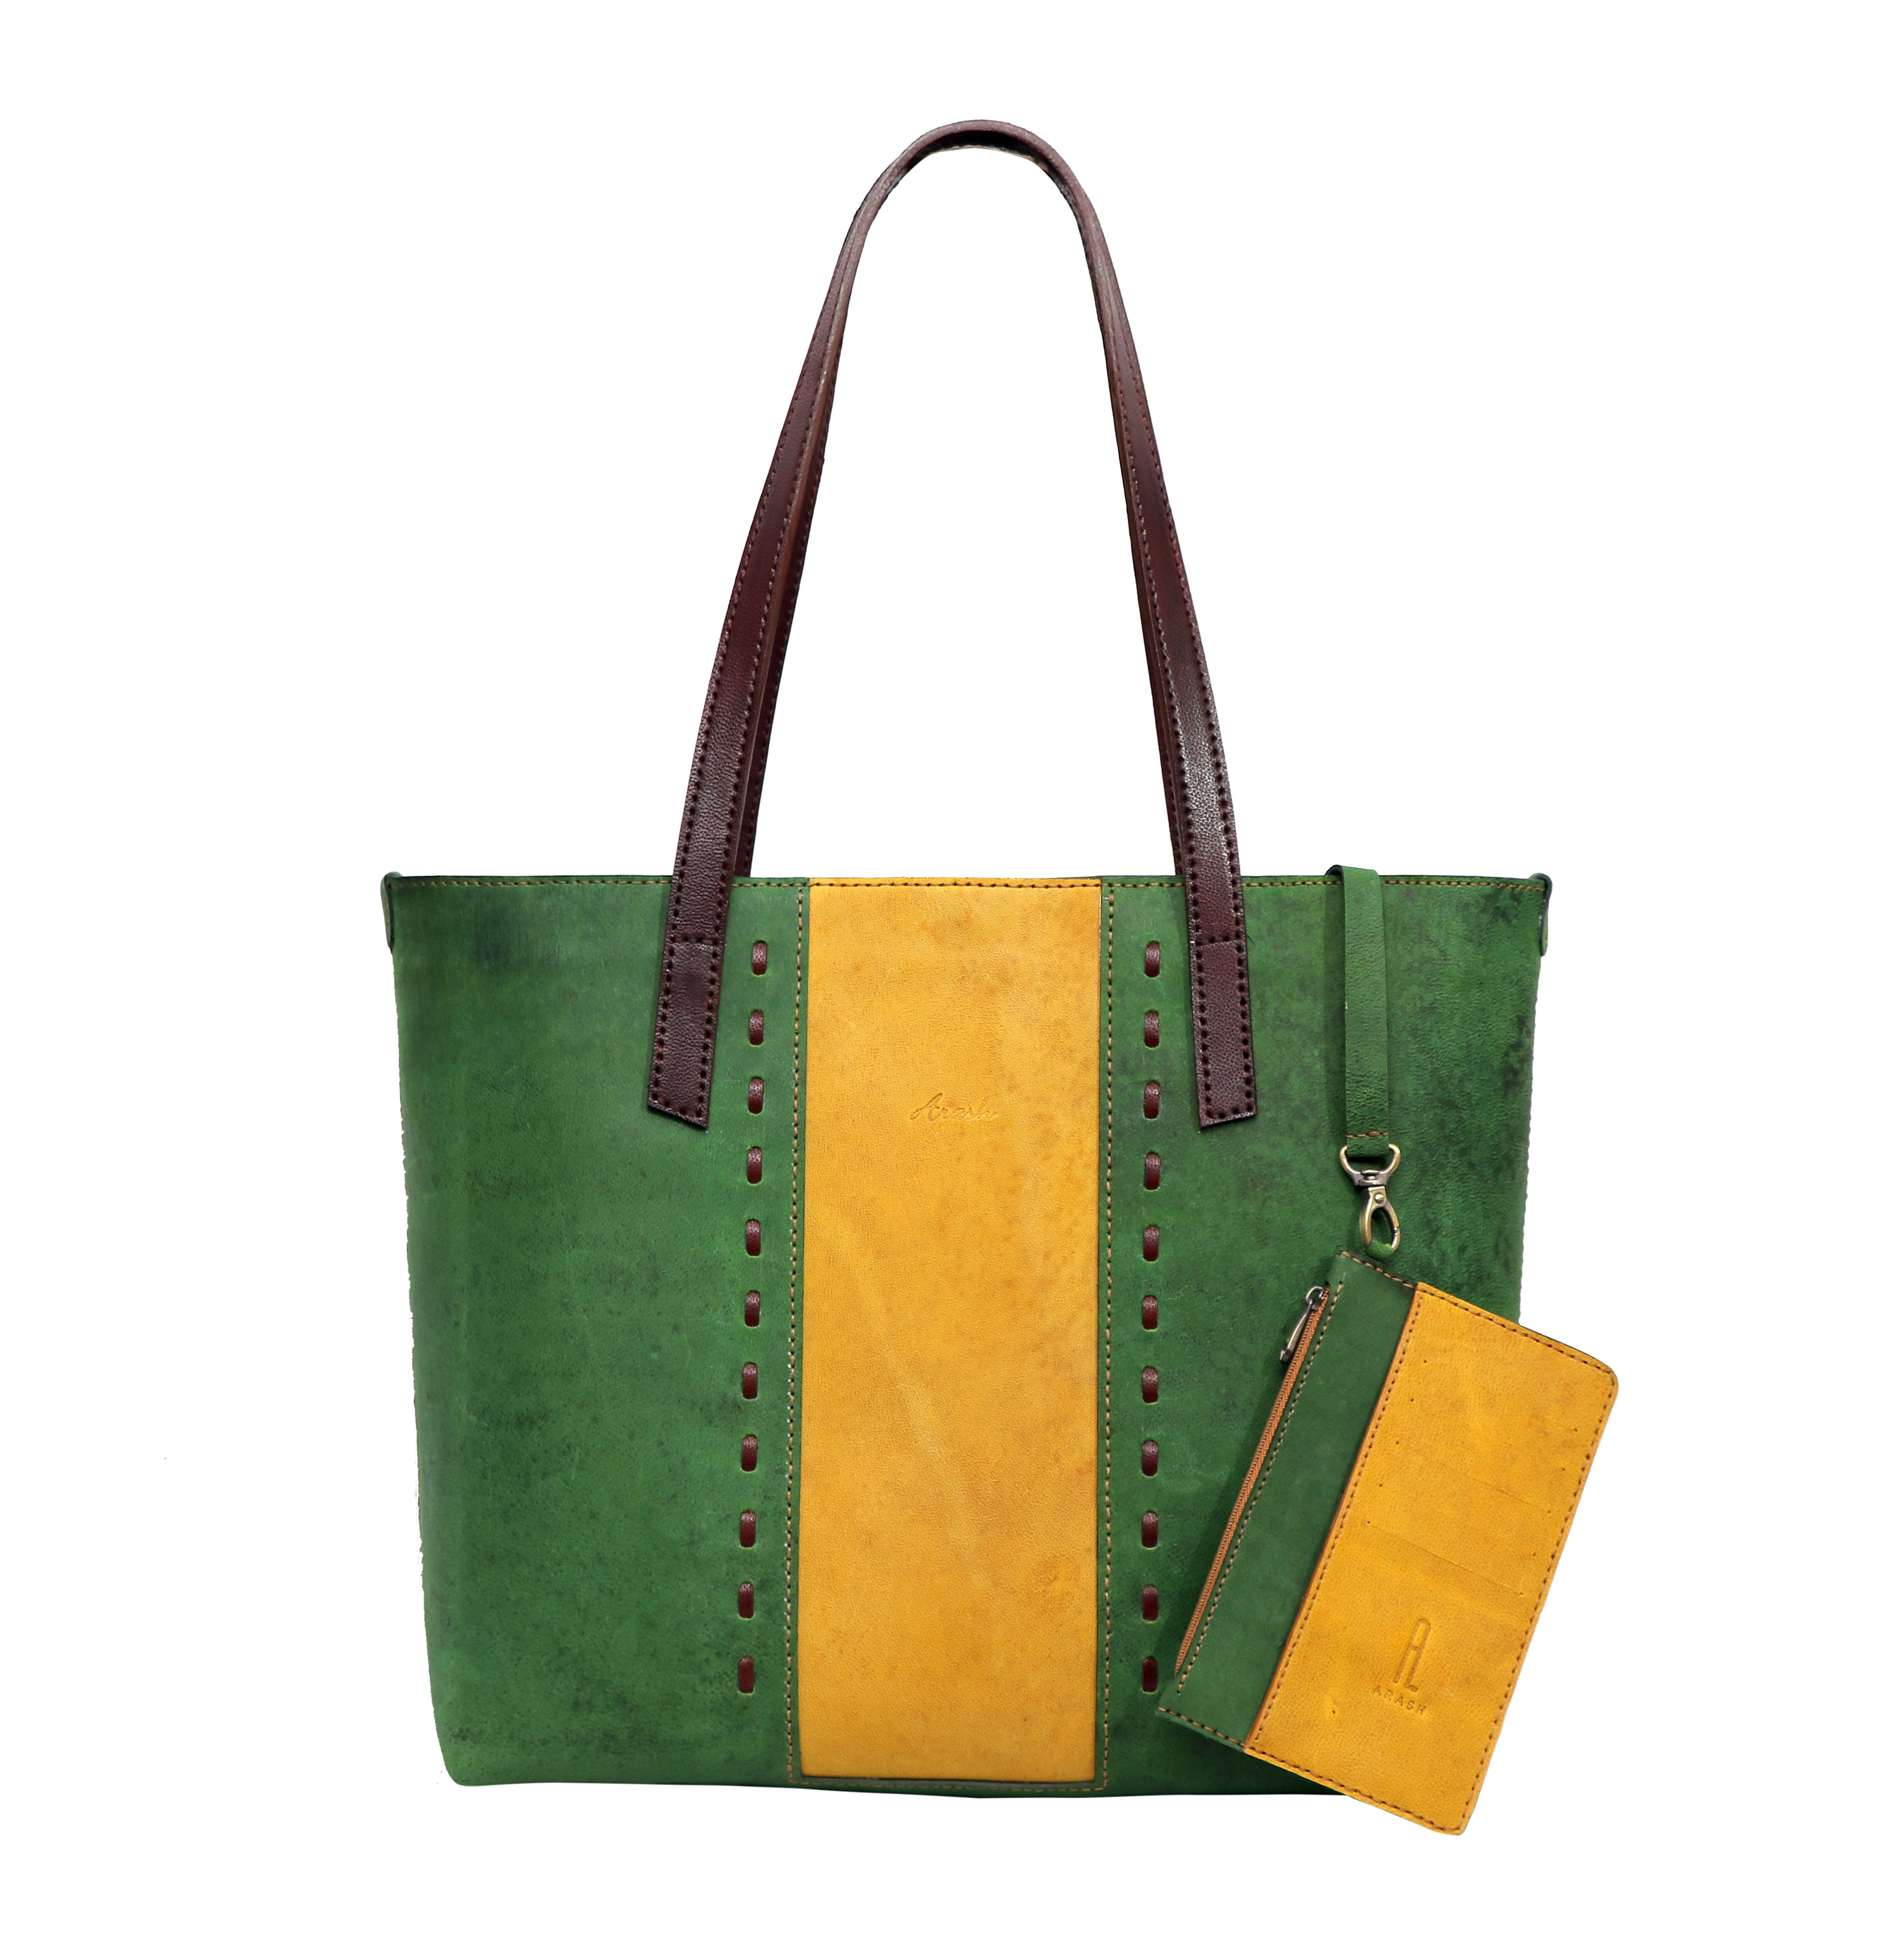 Marjan Green & Yellow Tote Bag